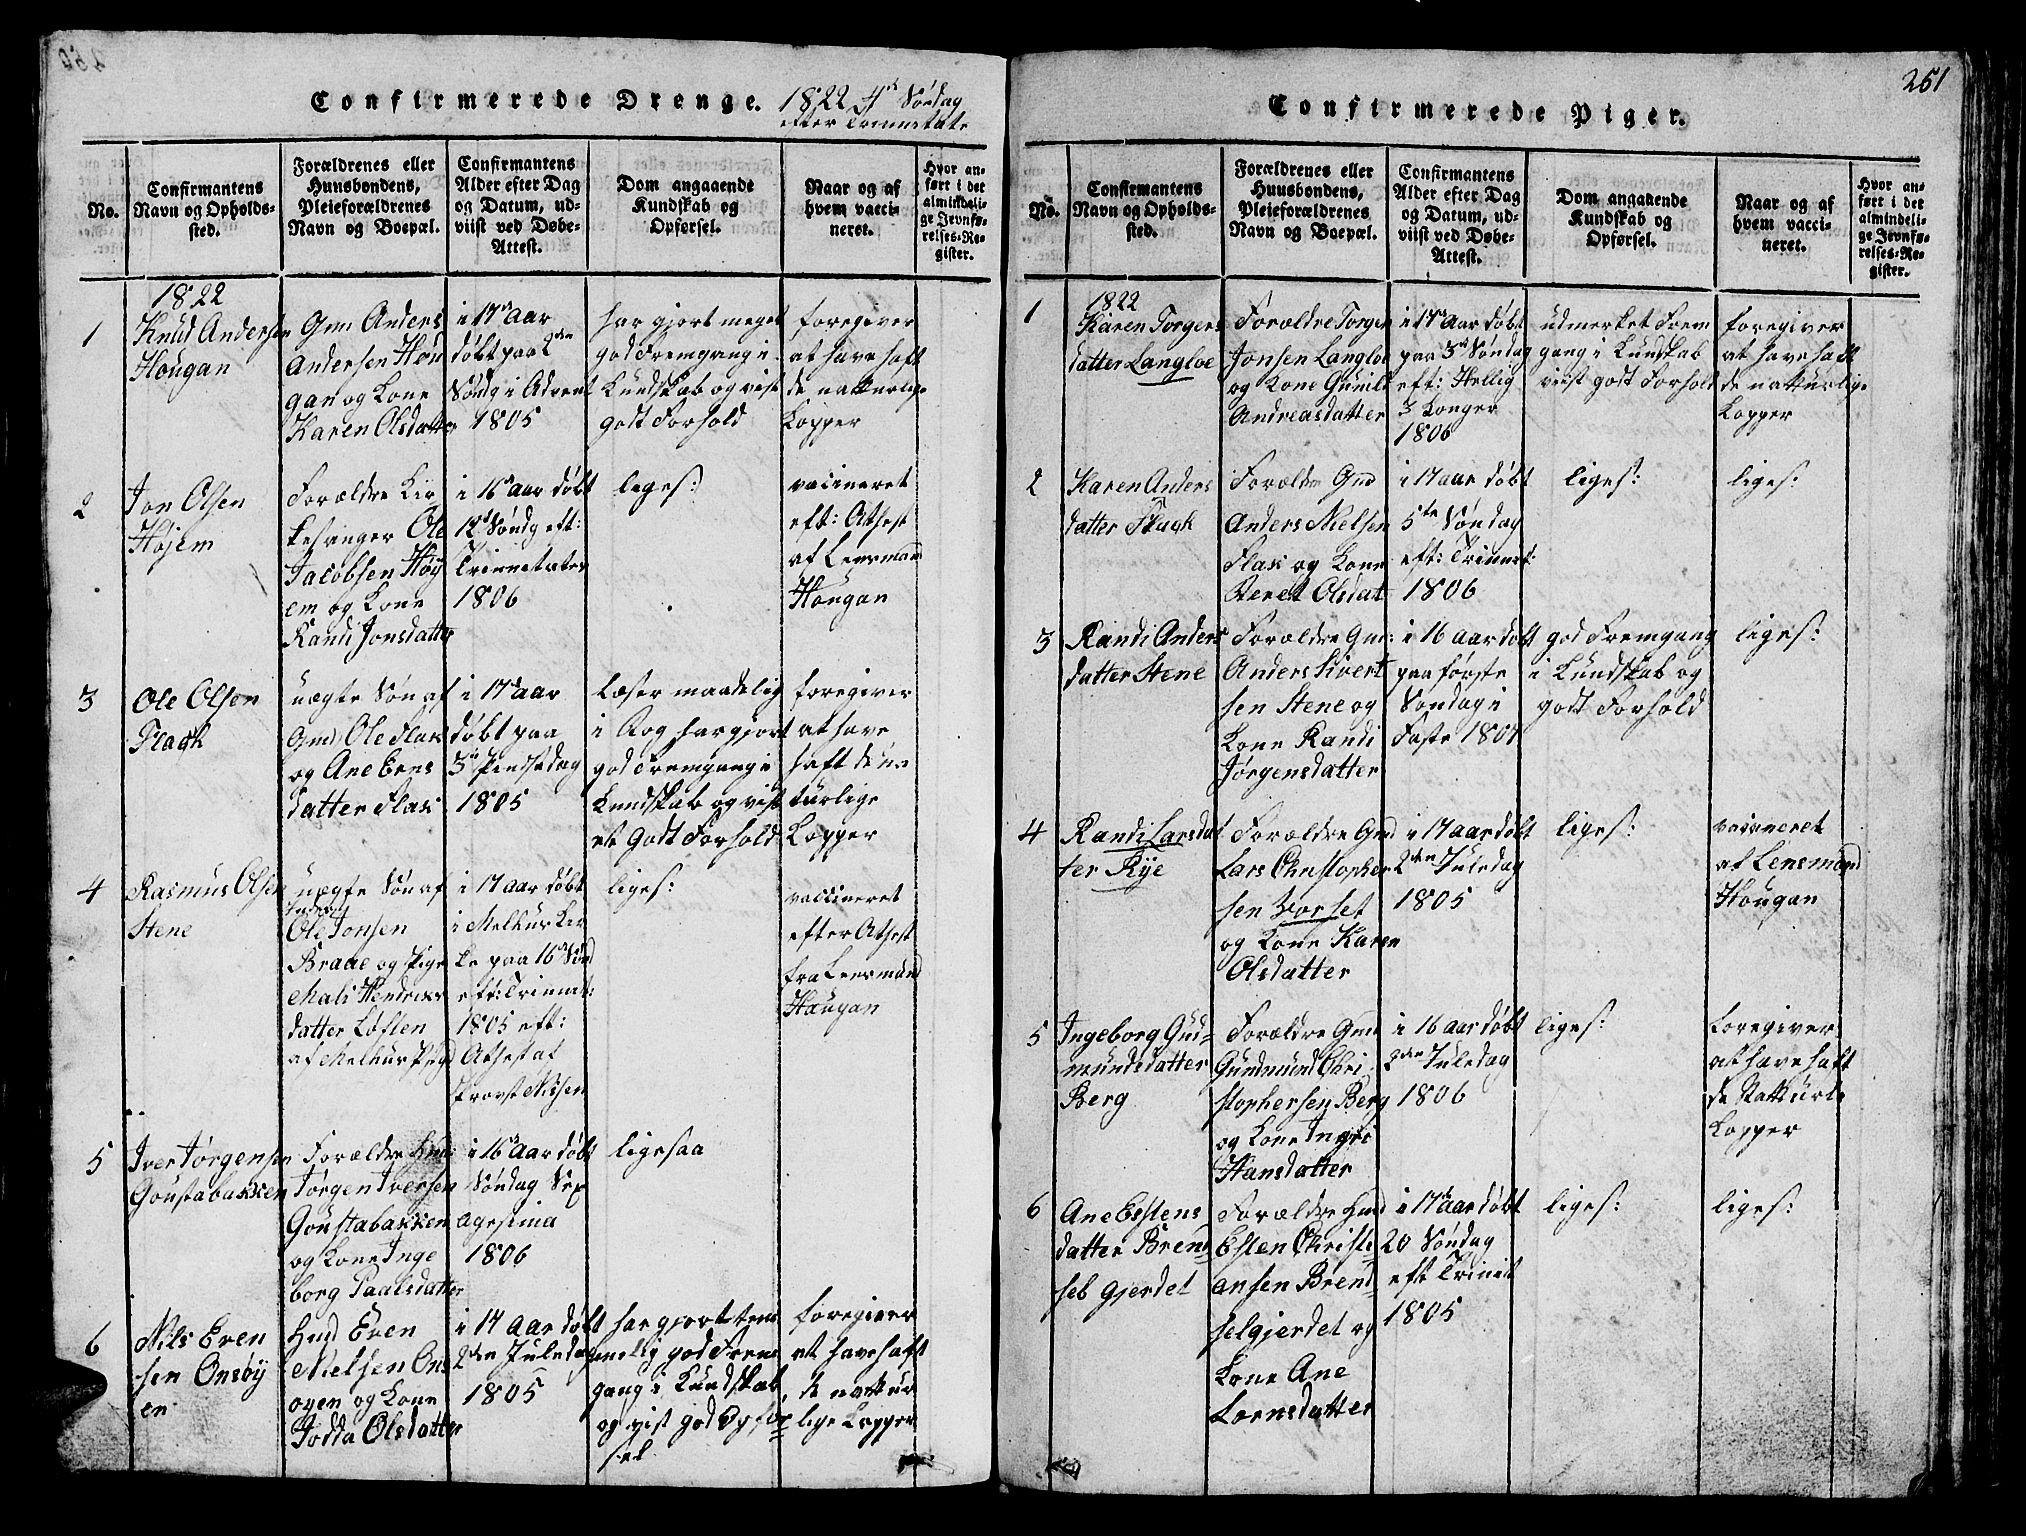 SAT, Ministerialprotokoller, klokkerbøker og fødselsregistre - Sør-Trøndelag, 612/L0385: Klokkerbok nr. 612C01, 1816-1845, s. 251